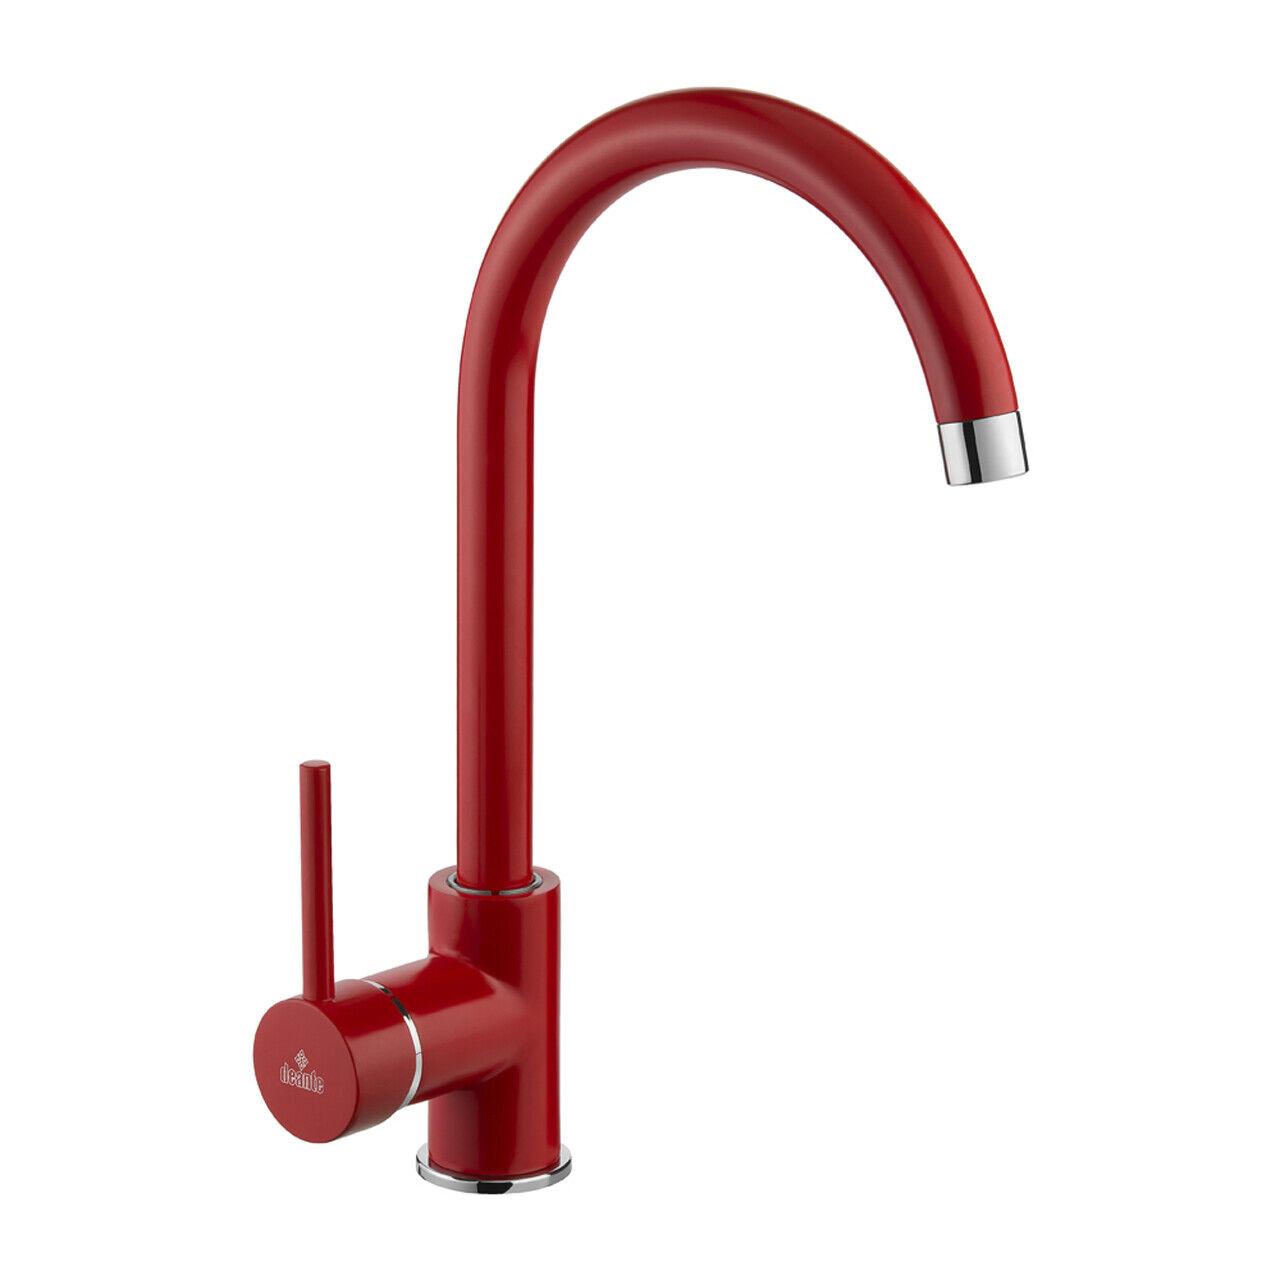 Hohe Rote Küchenarmatur Spültischarmatur Küchen Wasserhahn von DEANTE MILIN